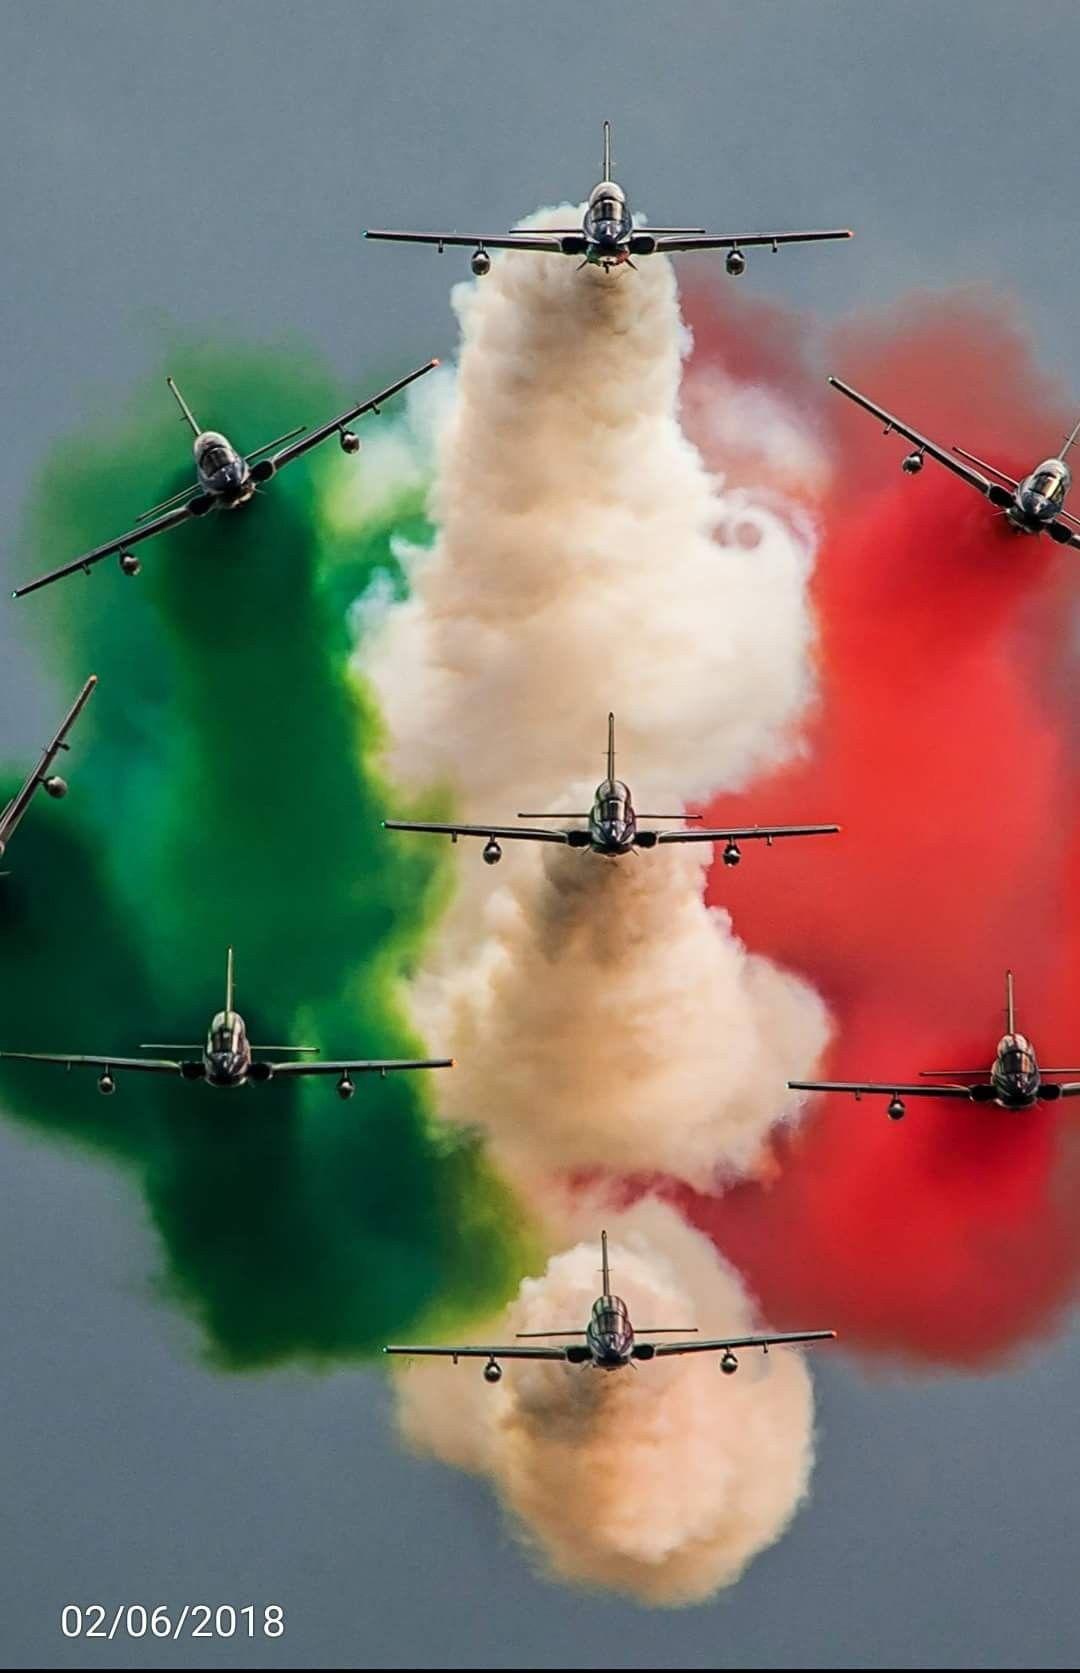 frecce tricolori | Militare, Aerei militari, Arte militare